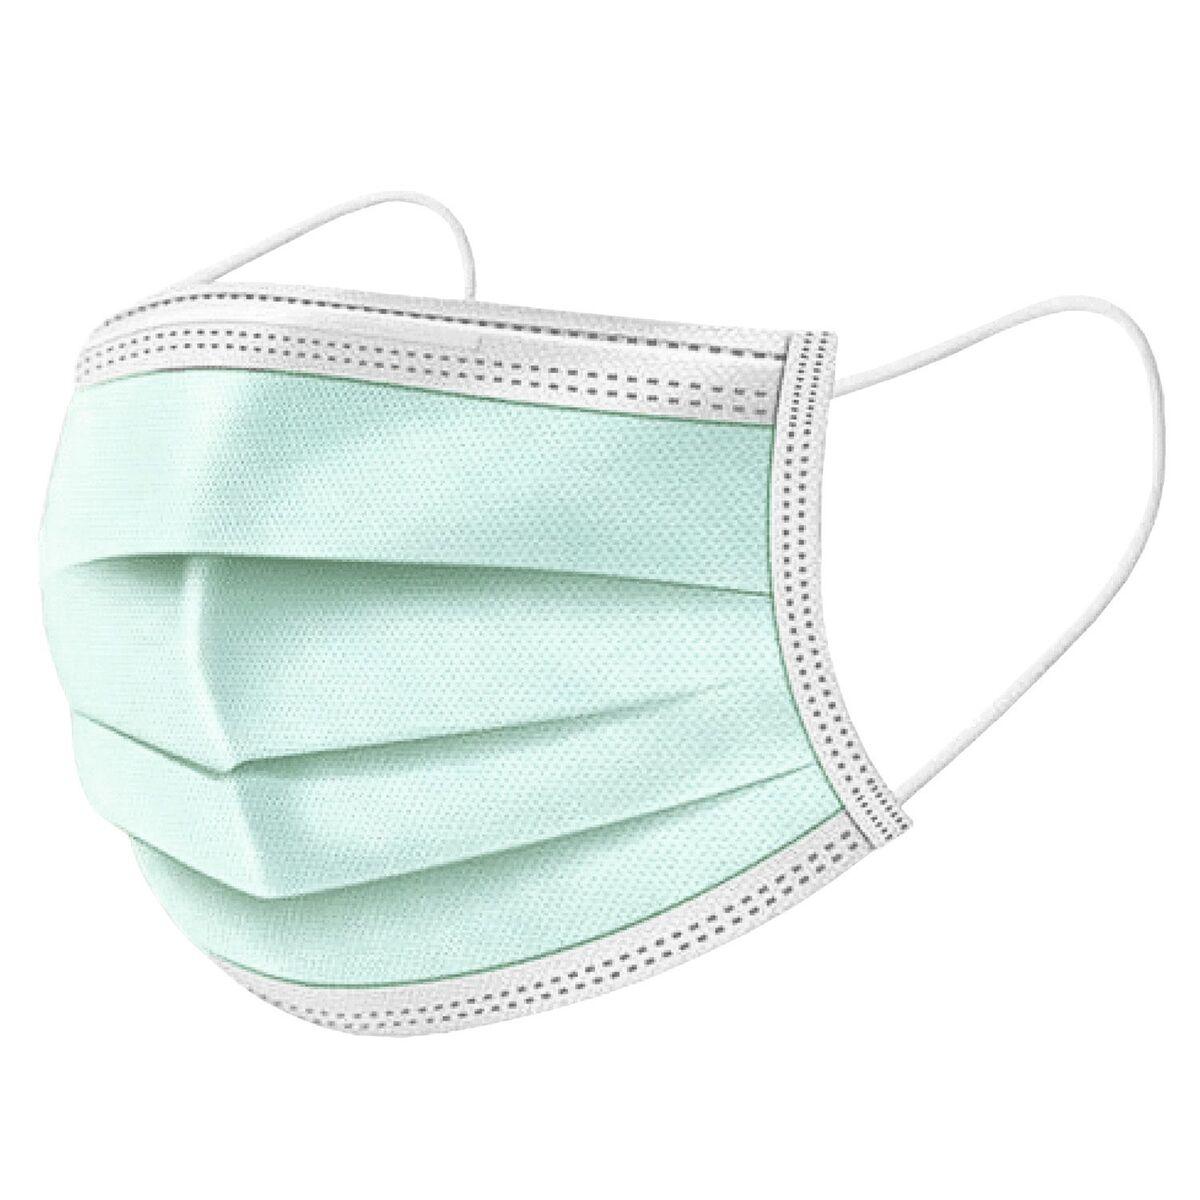 Bild 2 von Medizinische Mund-und-Nasen-Schutzmasken, Bunt 10er-Packung